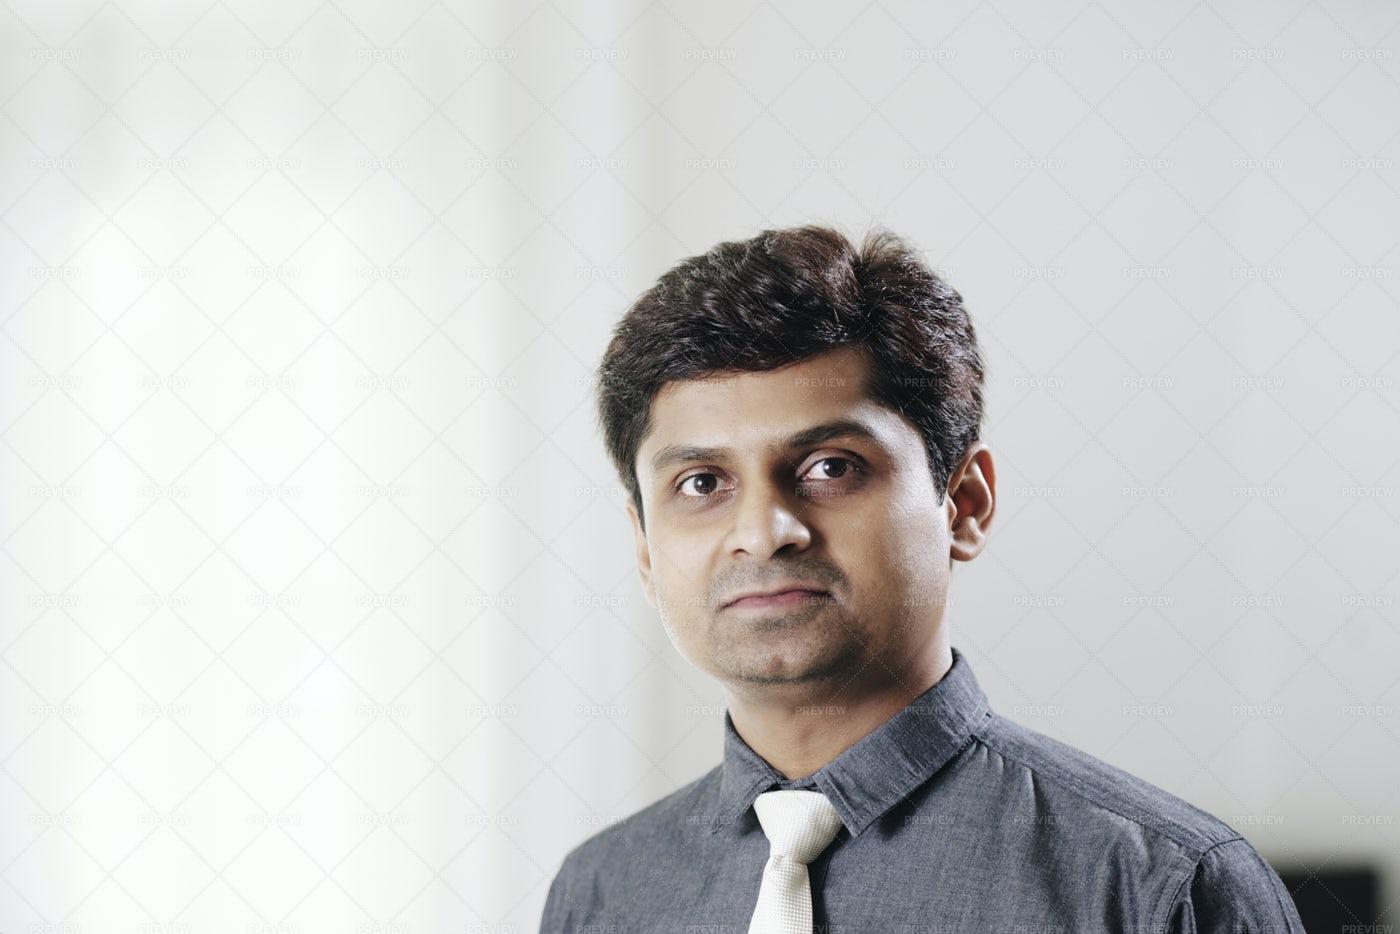 Mature Indian Man: Stock Photos